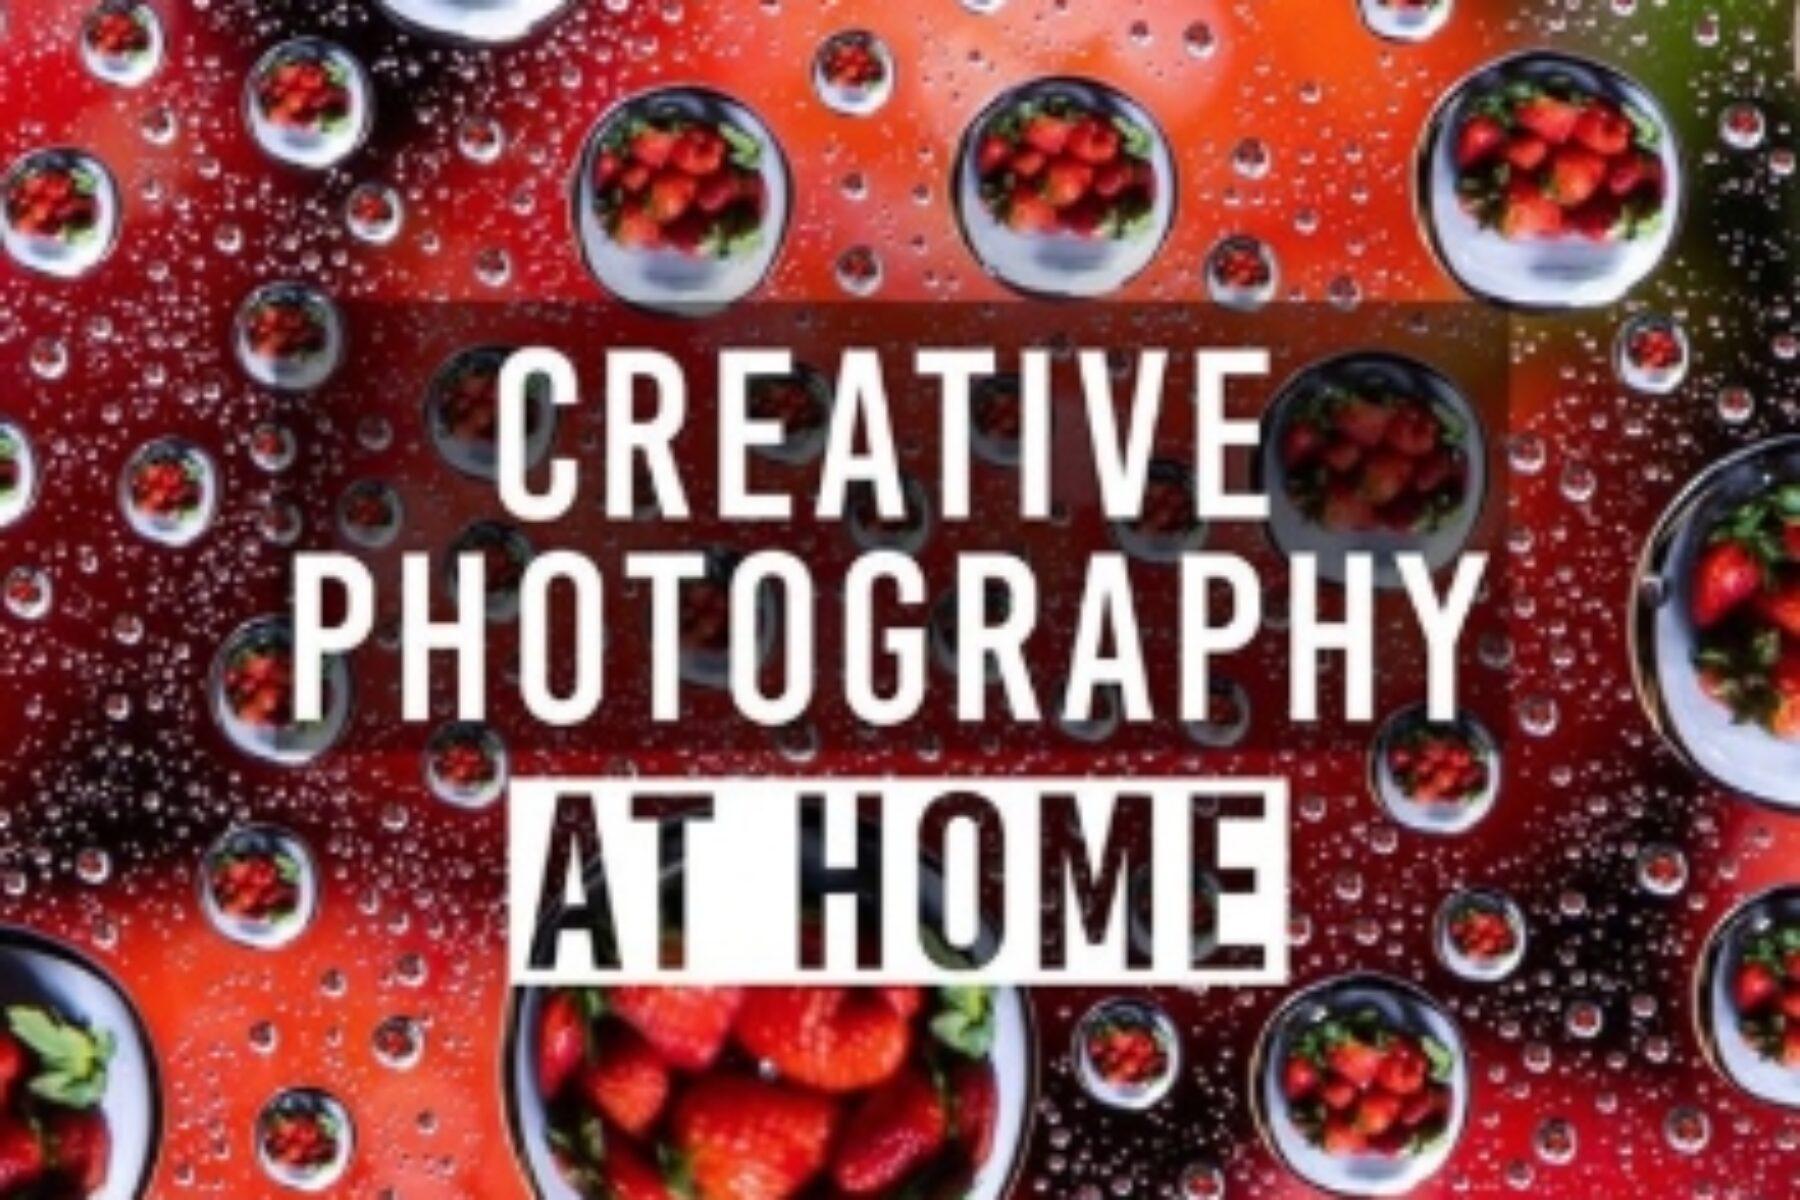 Photo créative à la maison!